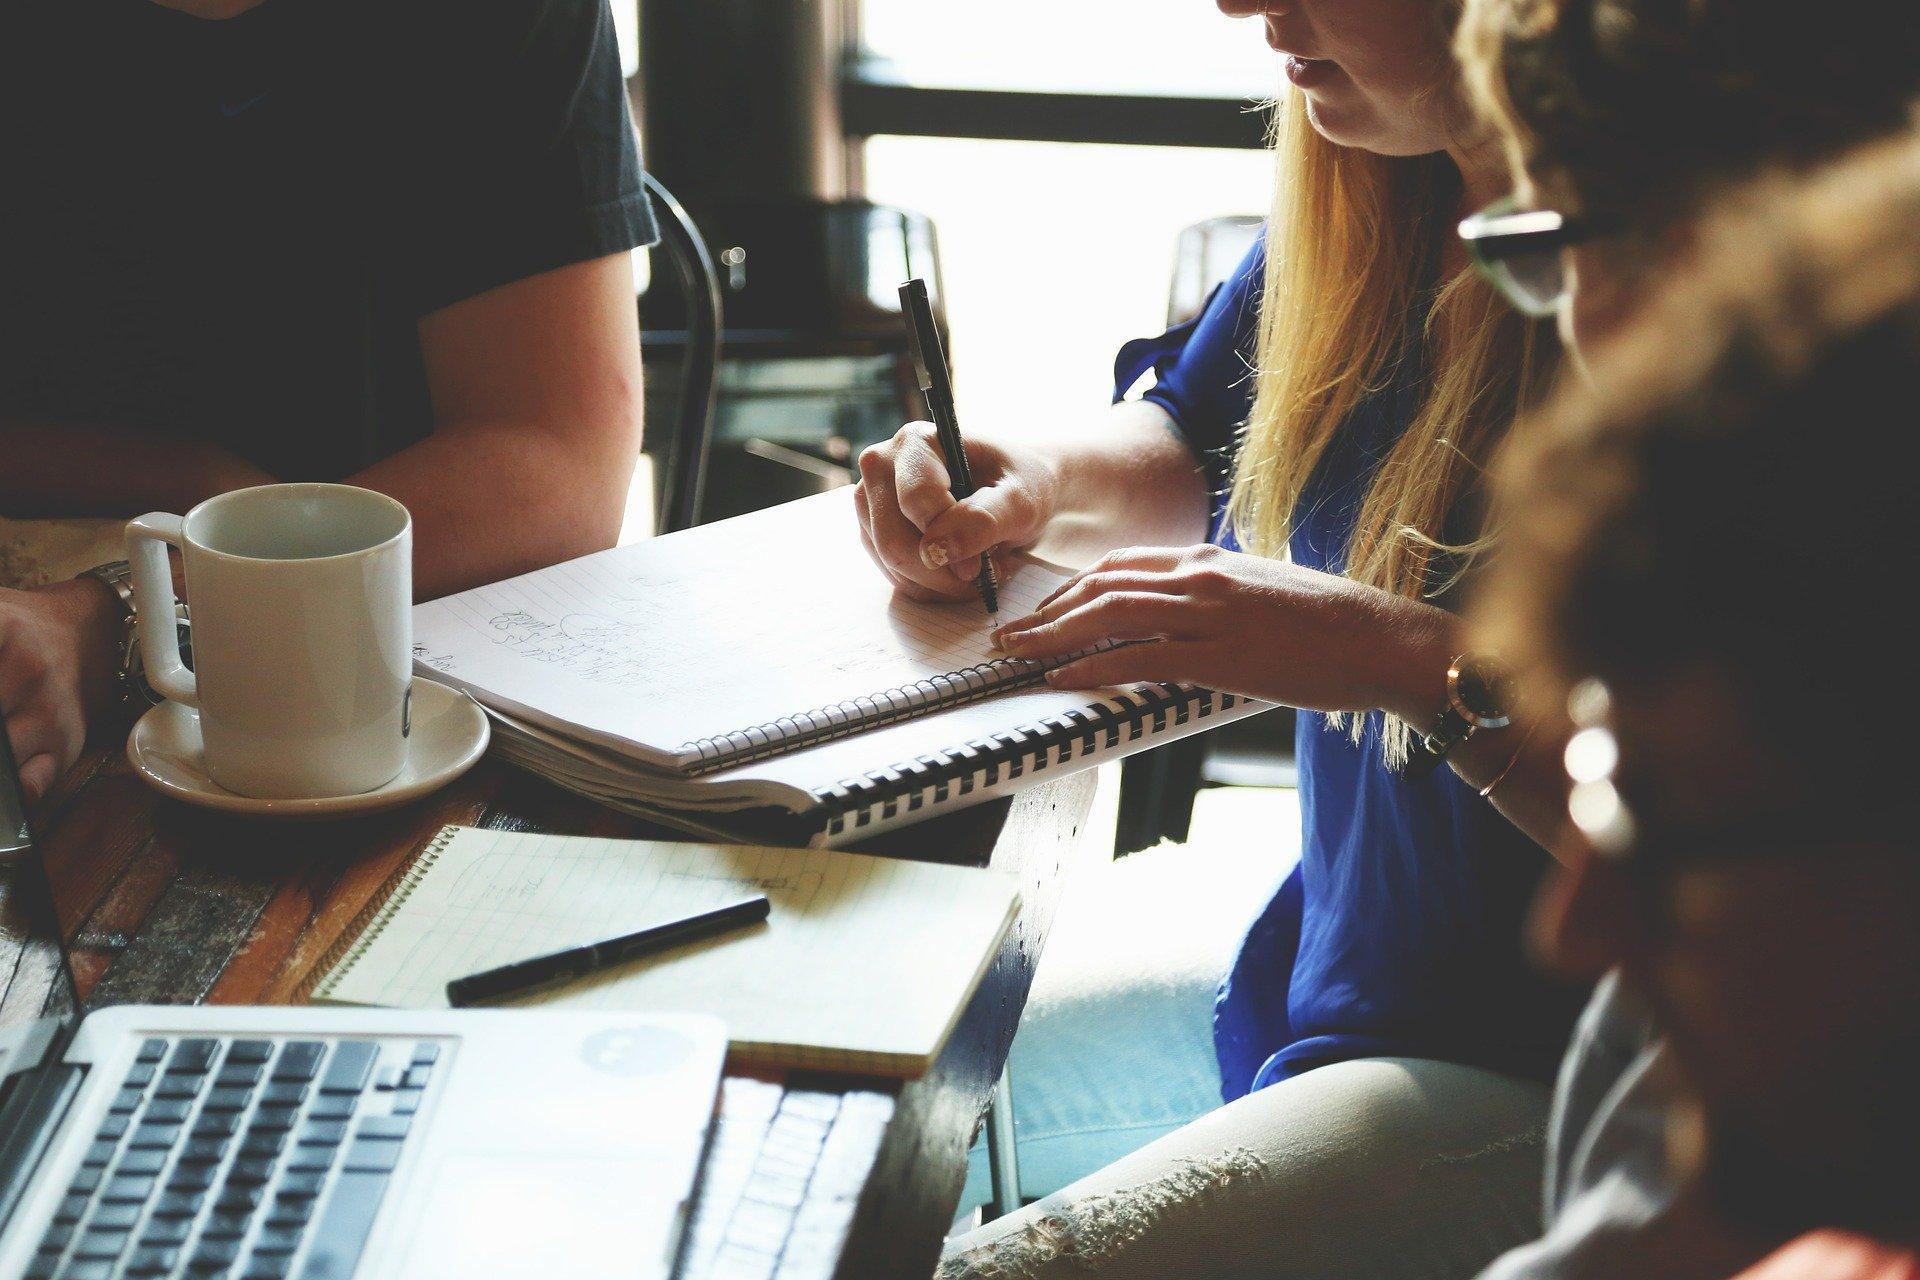 Pessoas em reunião. Mesa com papeis, notebook e copos.